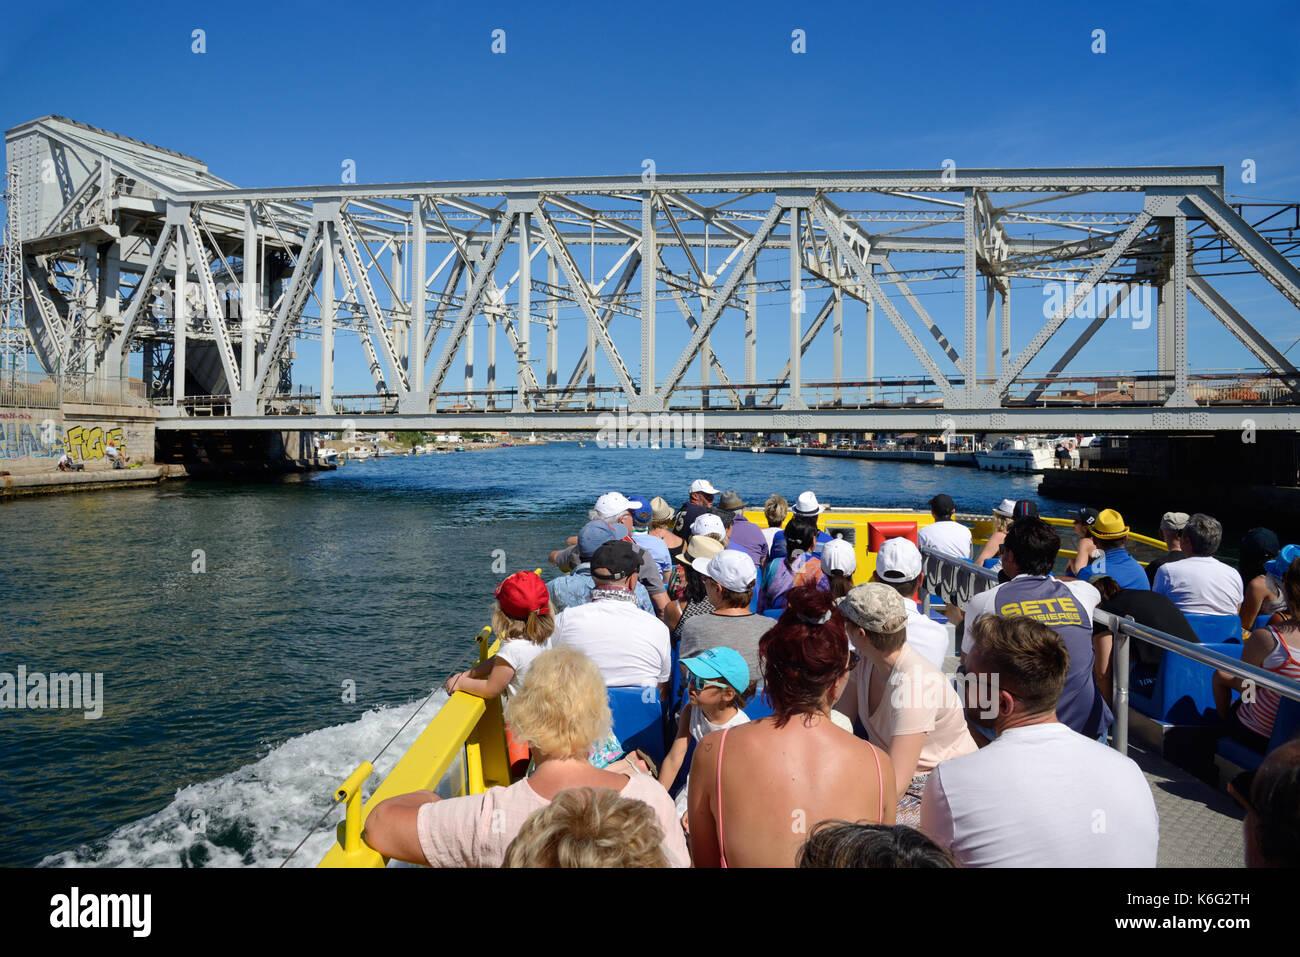 Los turistas de viaje en barco por los canales de Sète y el Etang de Thau o lago hérault languedoc-roussillon francia Imagen De Stock